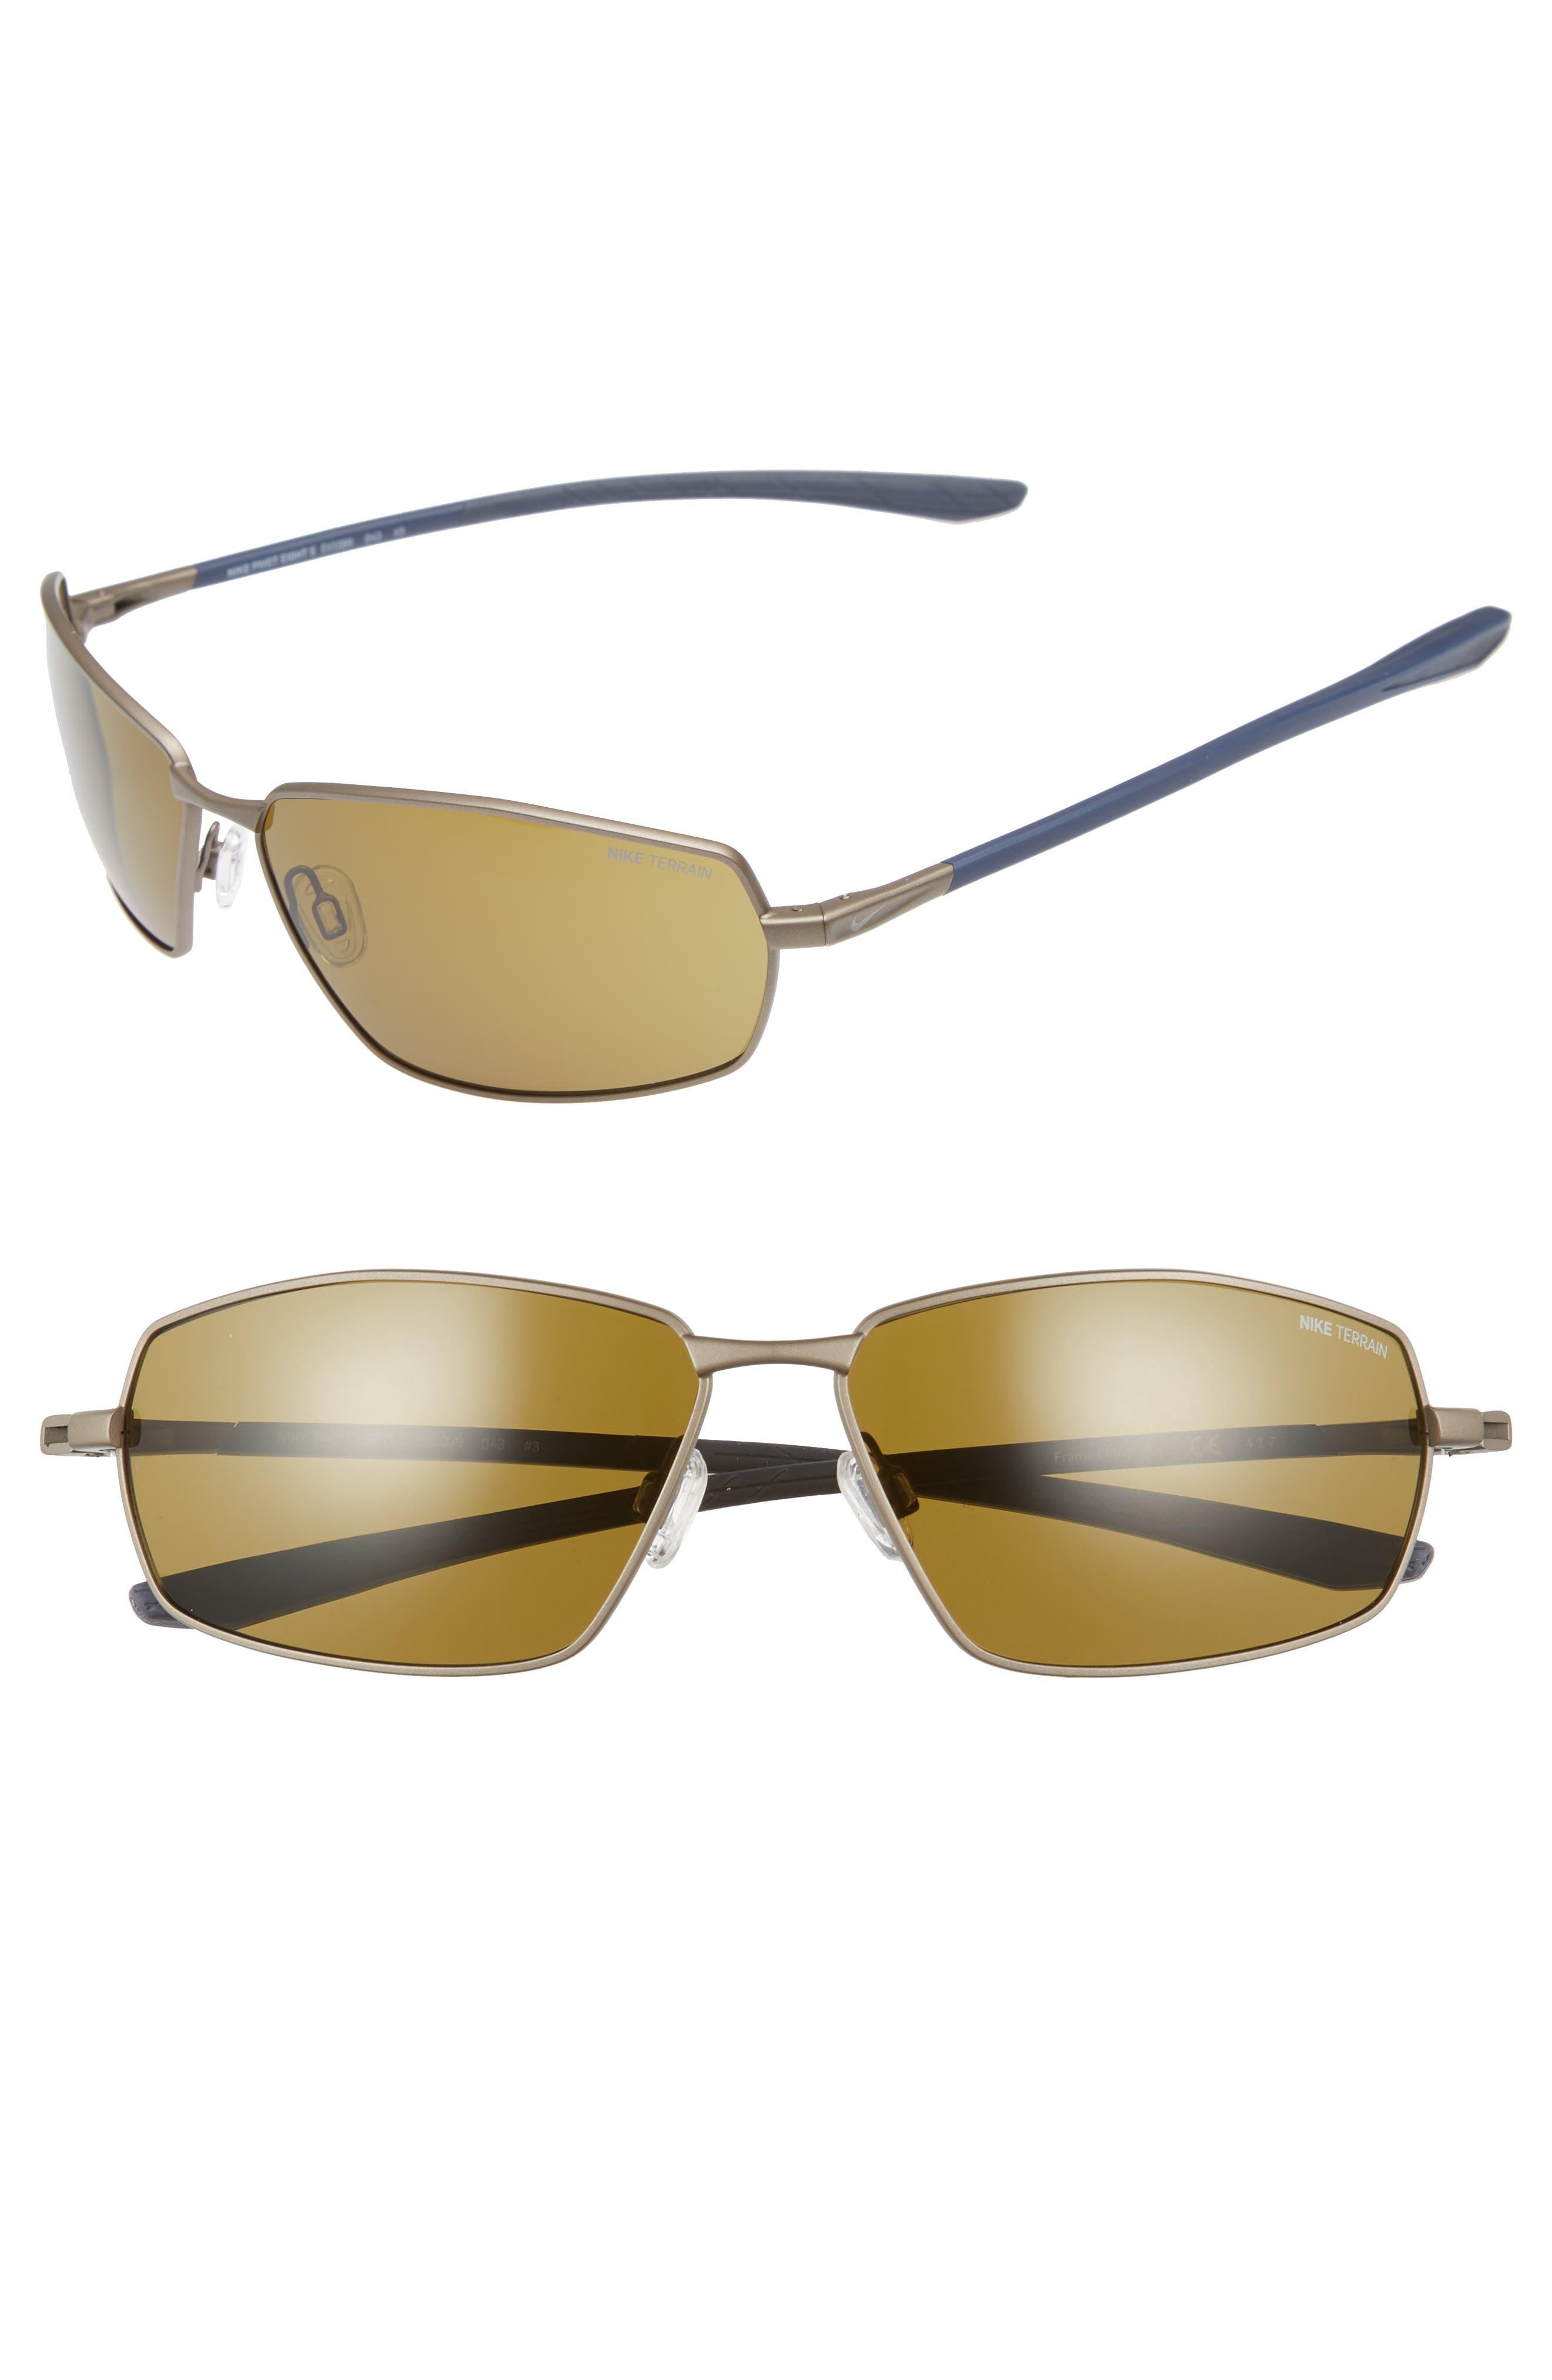 Nike Pivot Eight E 62Mm Oversize Sunglasses - Satin Pewter/ Terrain Tint